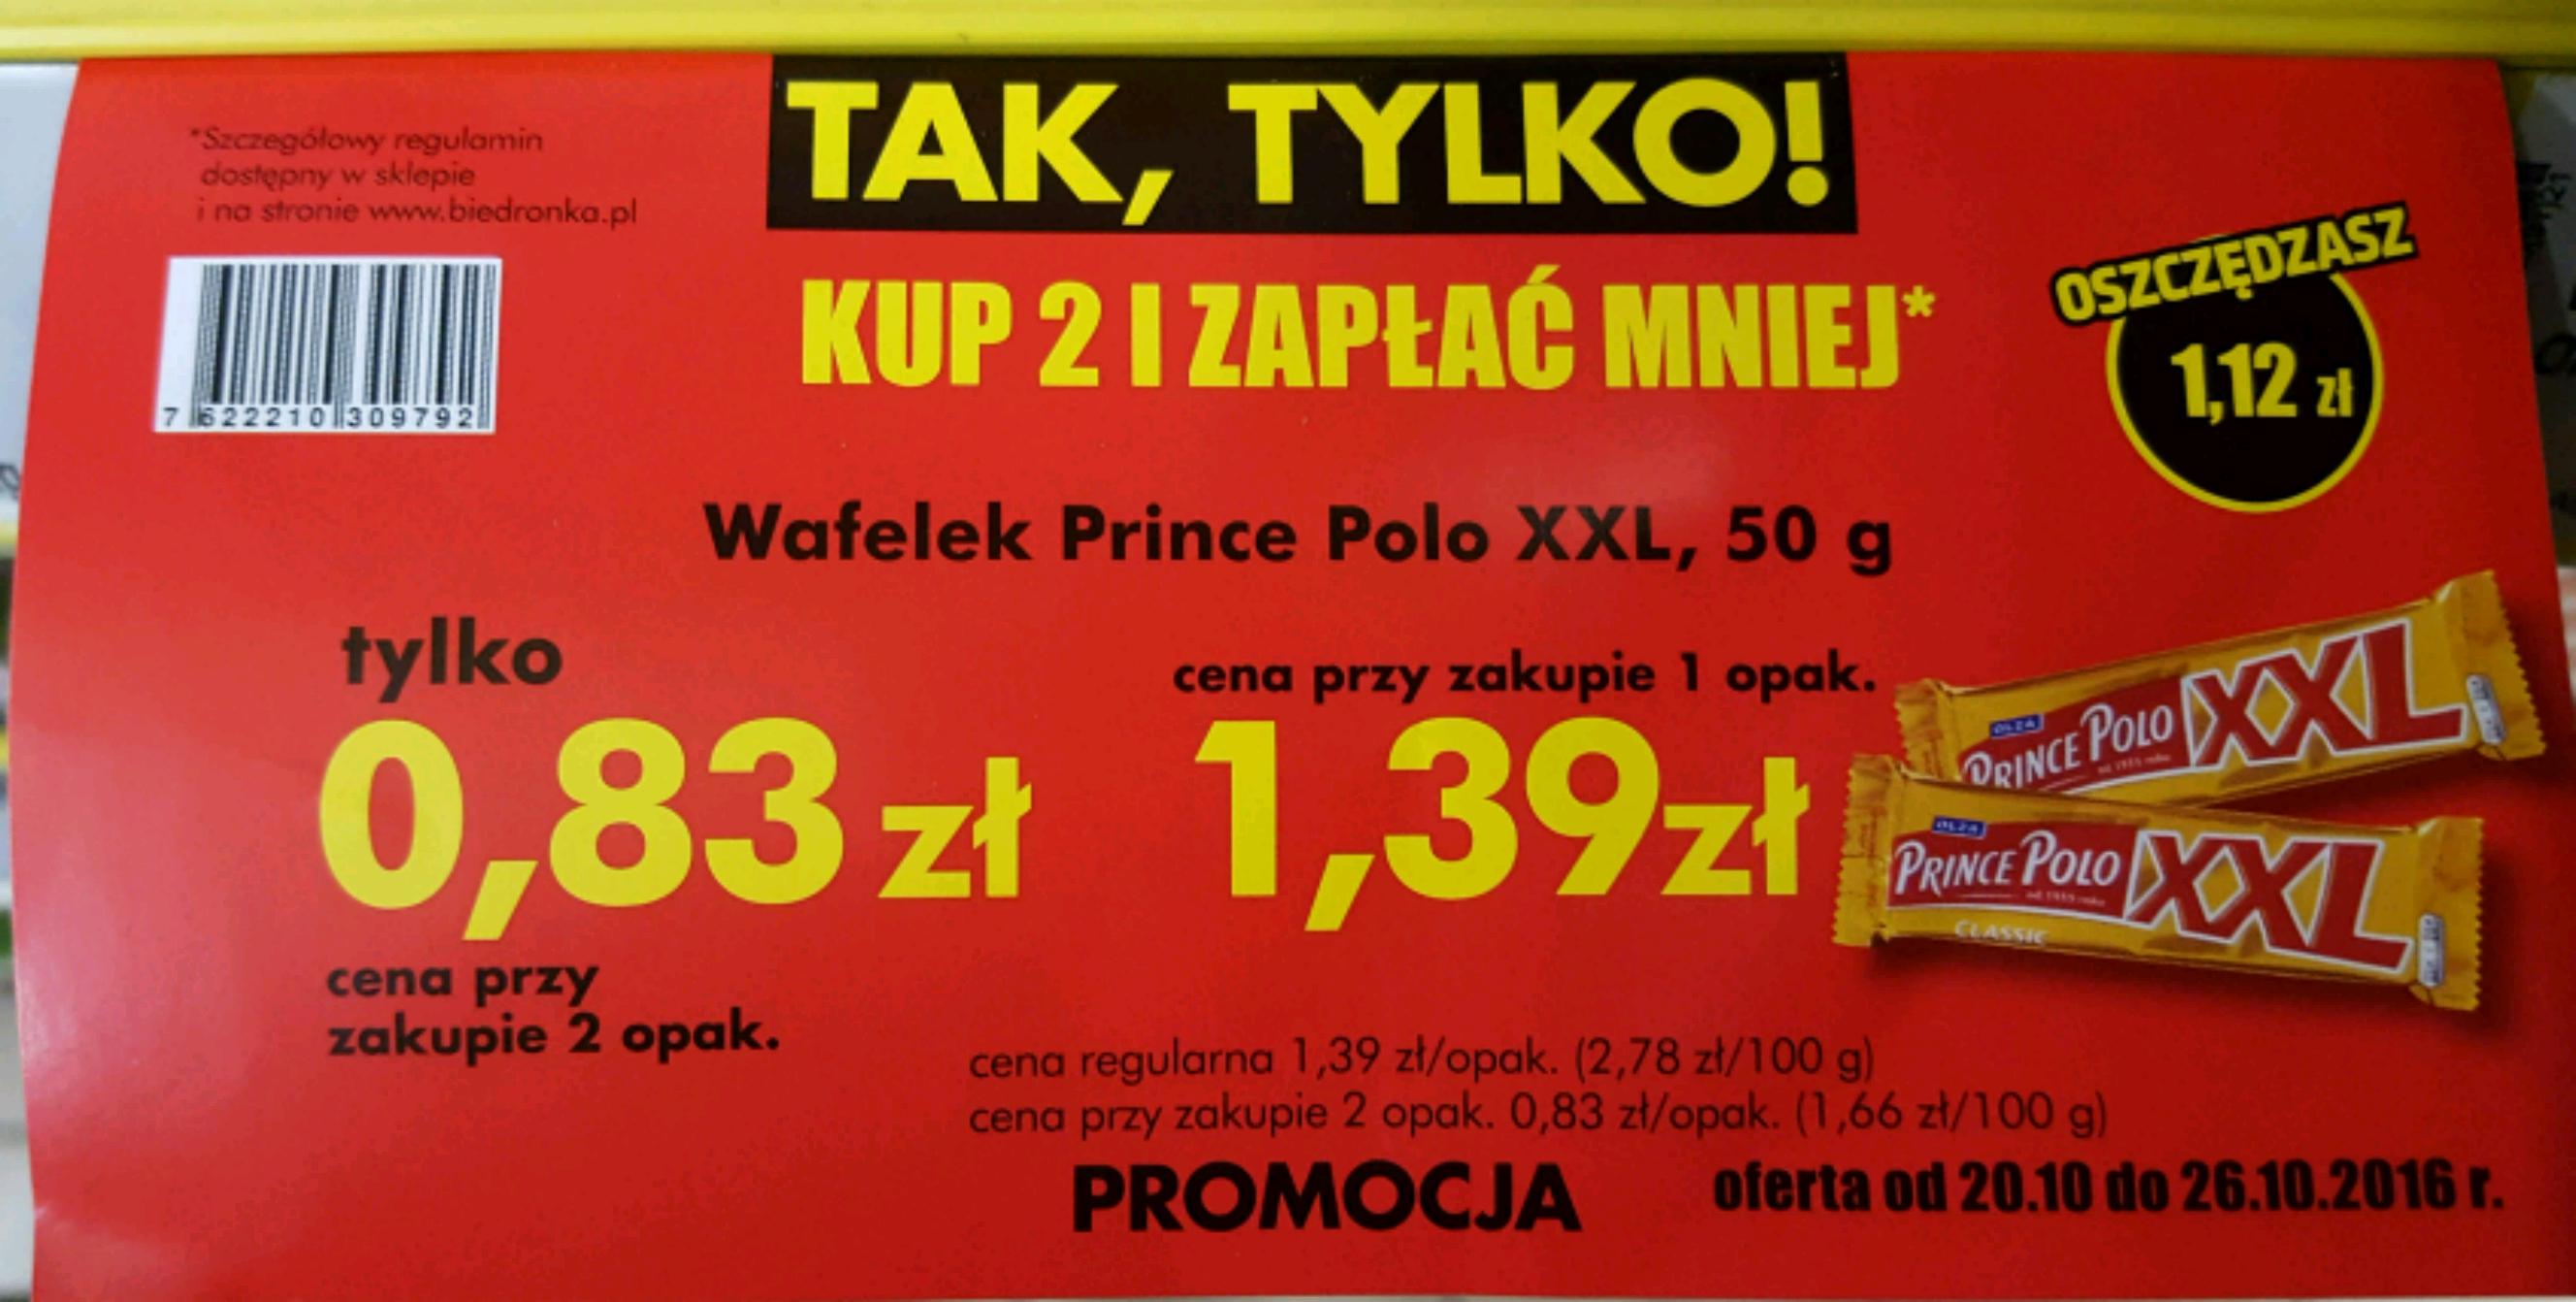 Wafel Prince Polo XXL za 0.83 zł w Biedronce przy zakupie 2 szt.